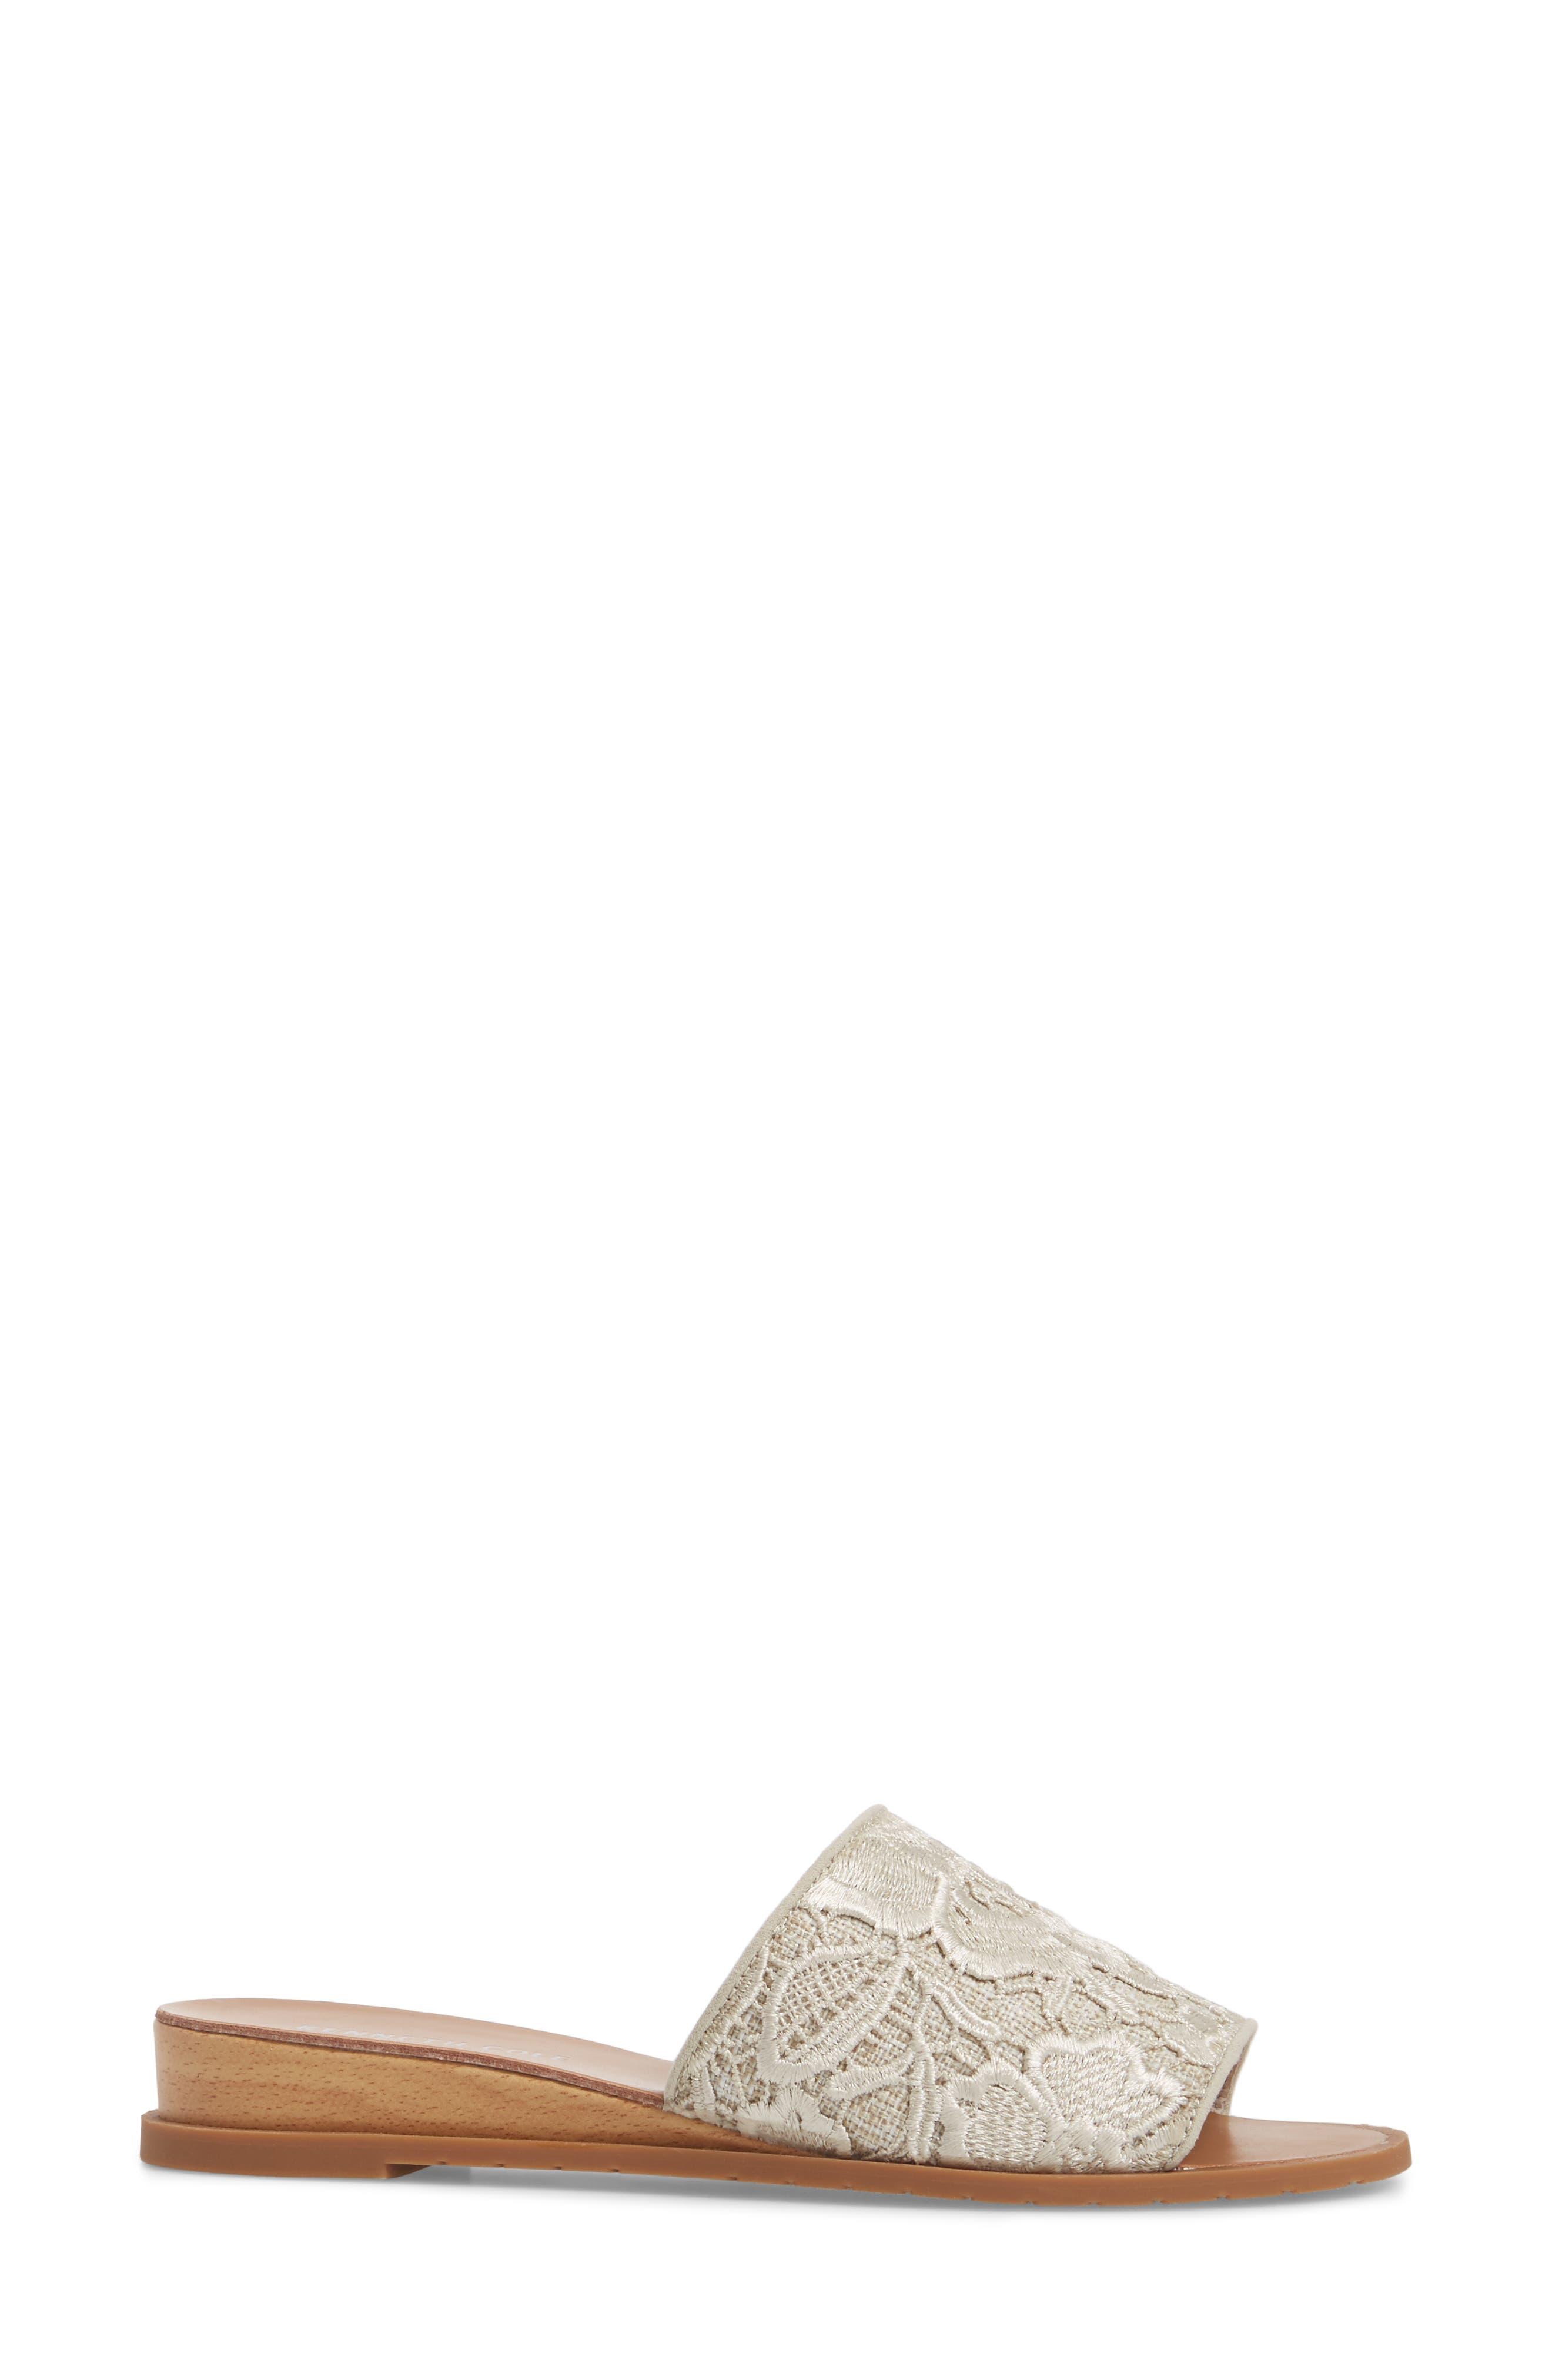 Joanne Flower Embroidered Slide Sandal,                             Alternate thumbnail 16, color,